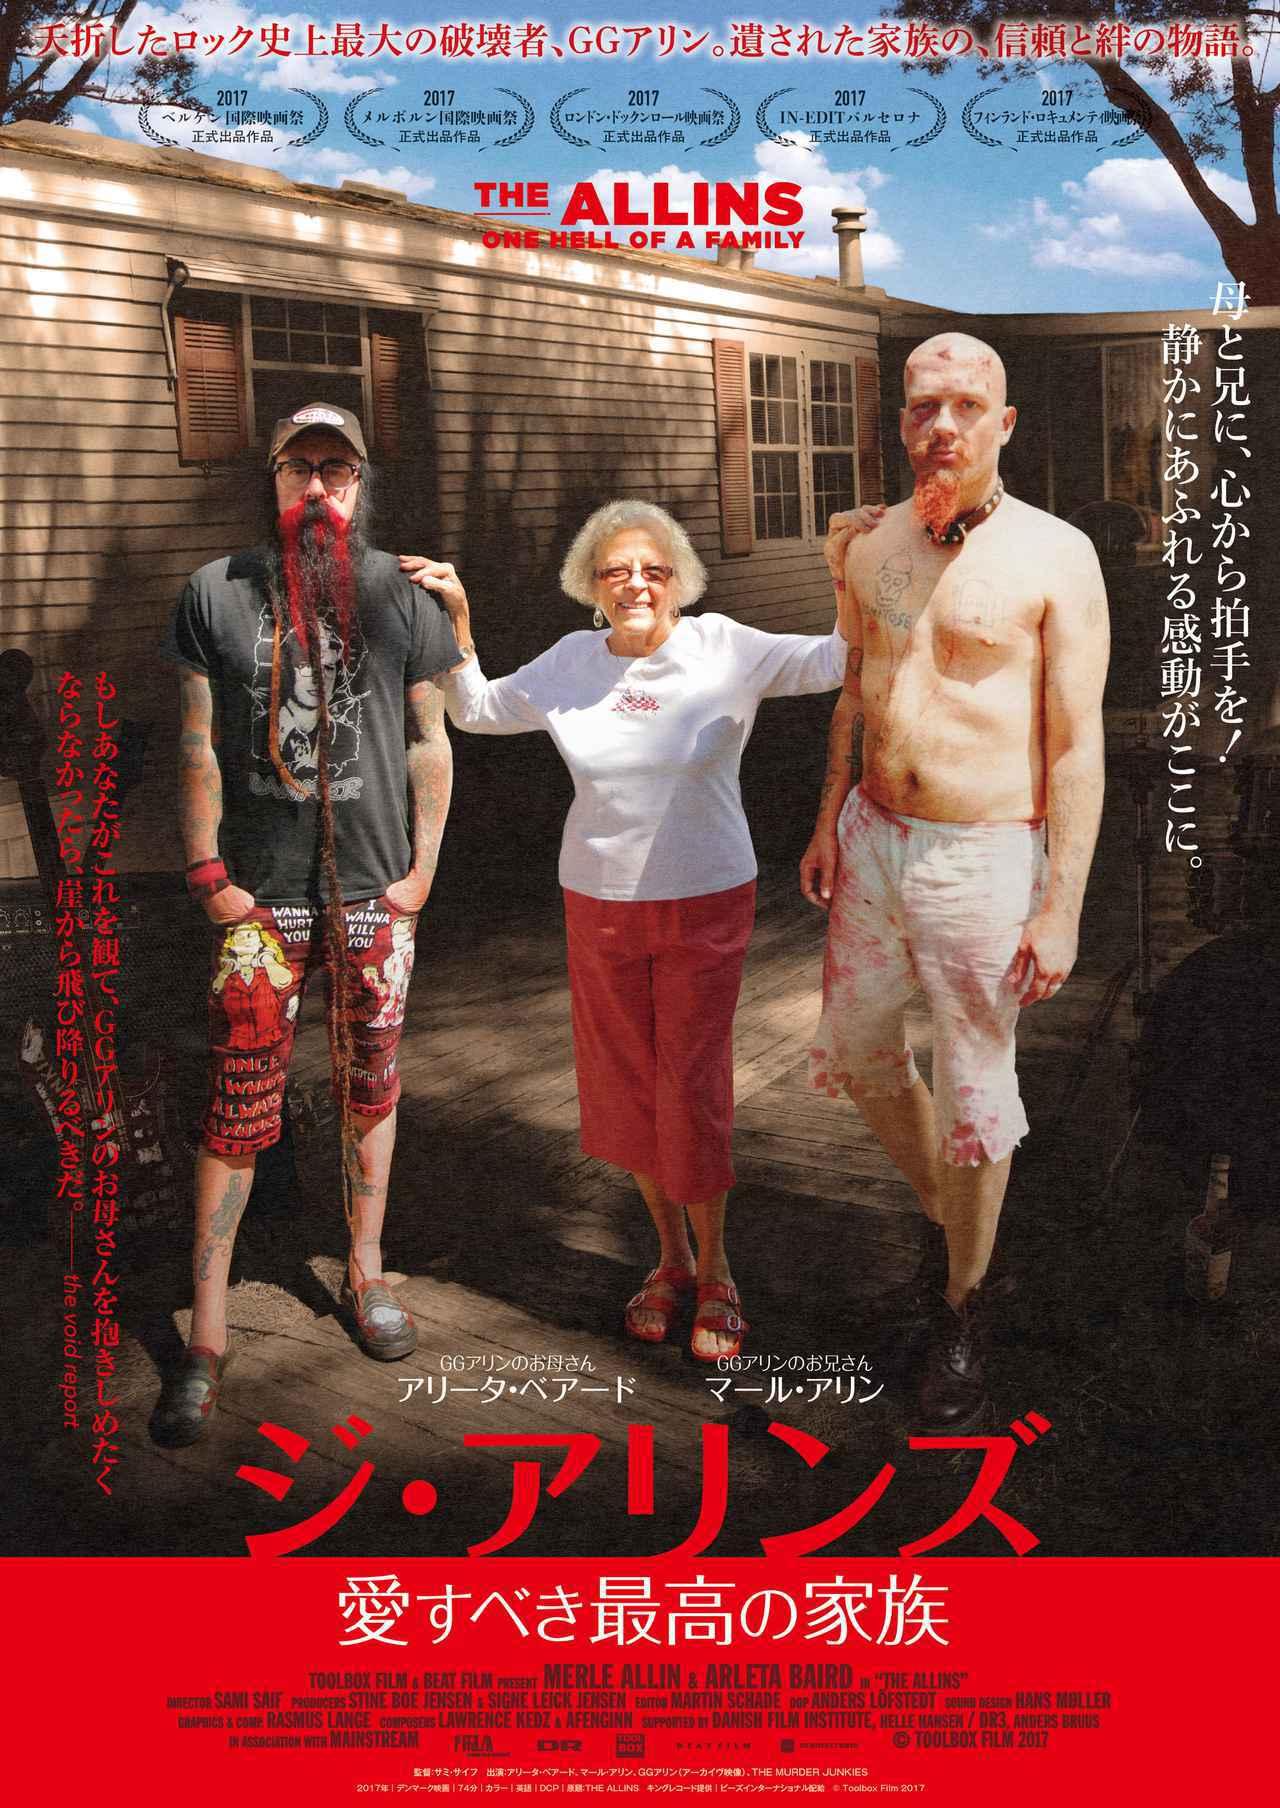 画像: 『ジ・アリンズ/愛すべき最高の家族』ポスター